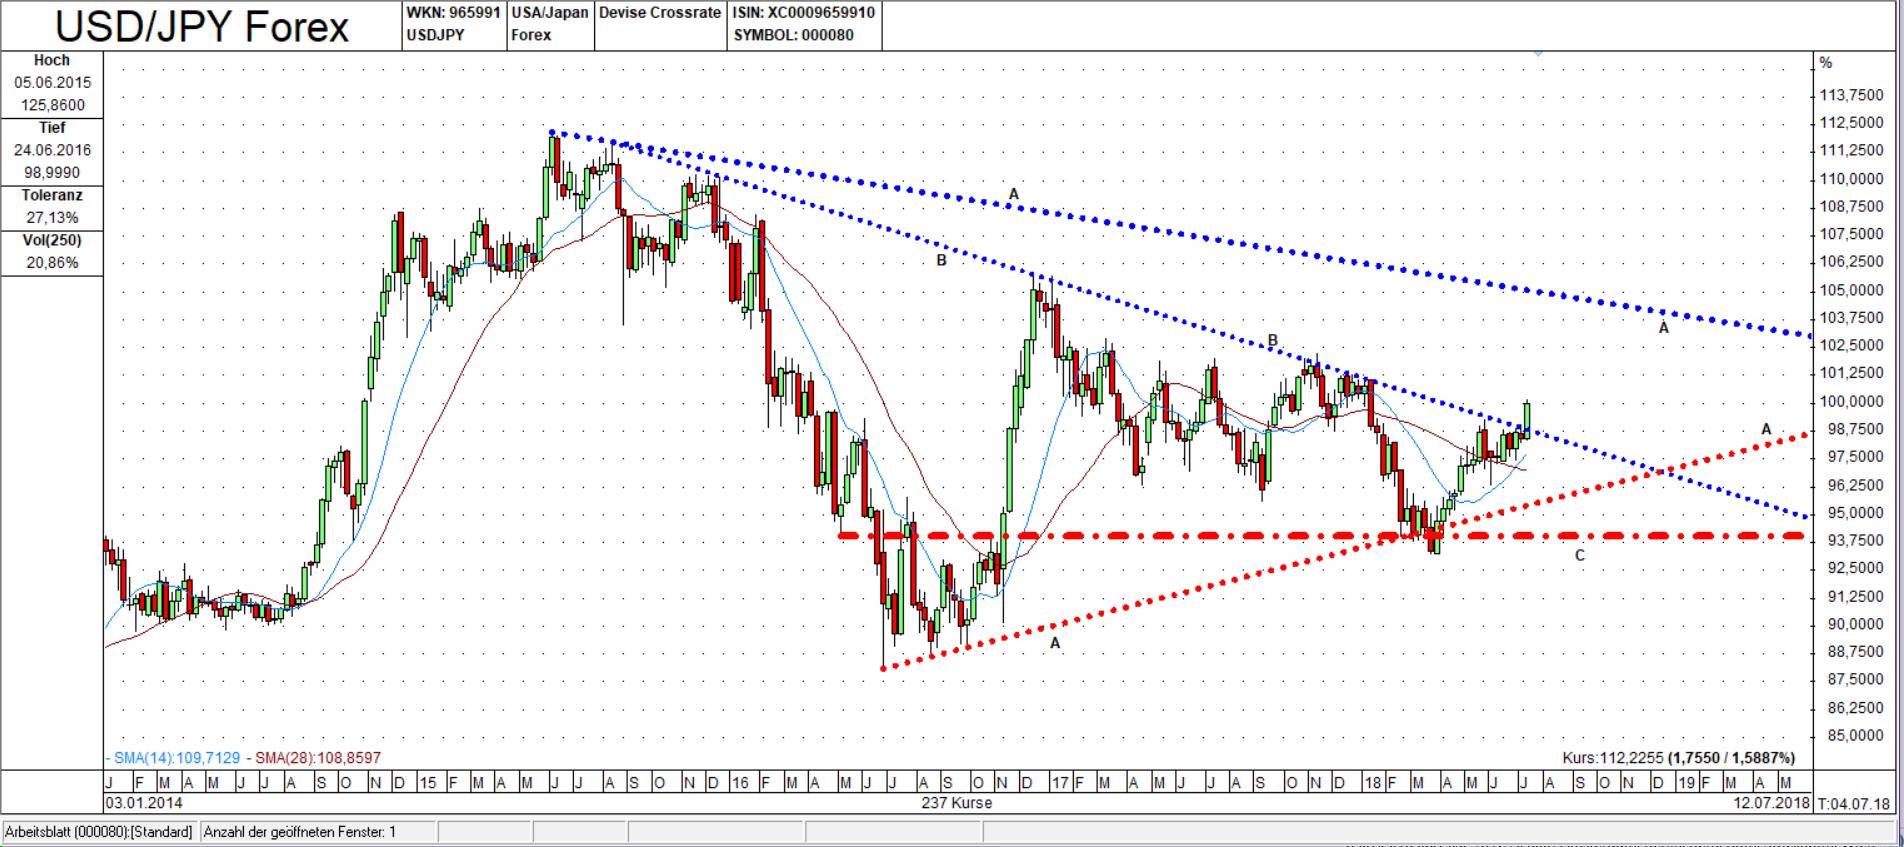 USD/JPY Candle Wochen Chart: Ausbruchsversuch